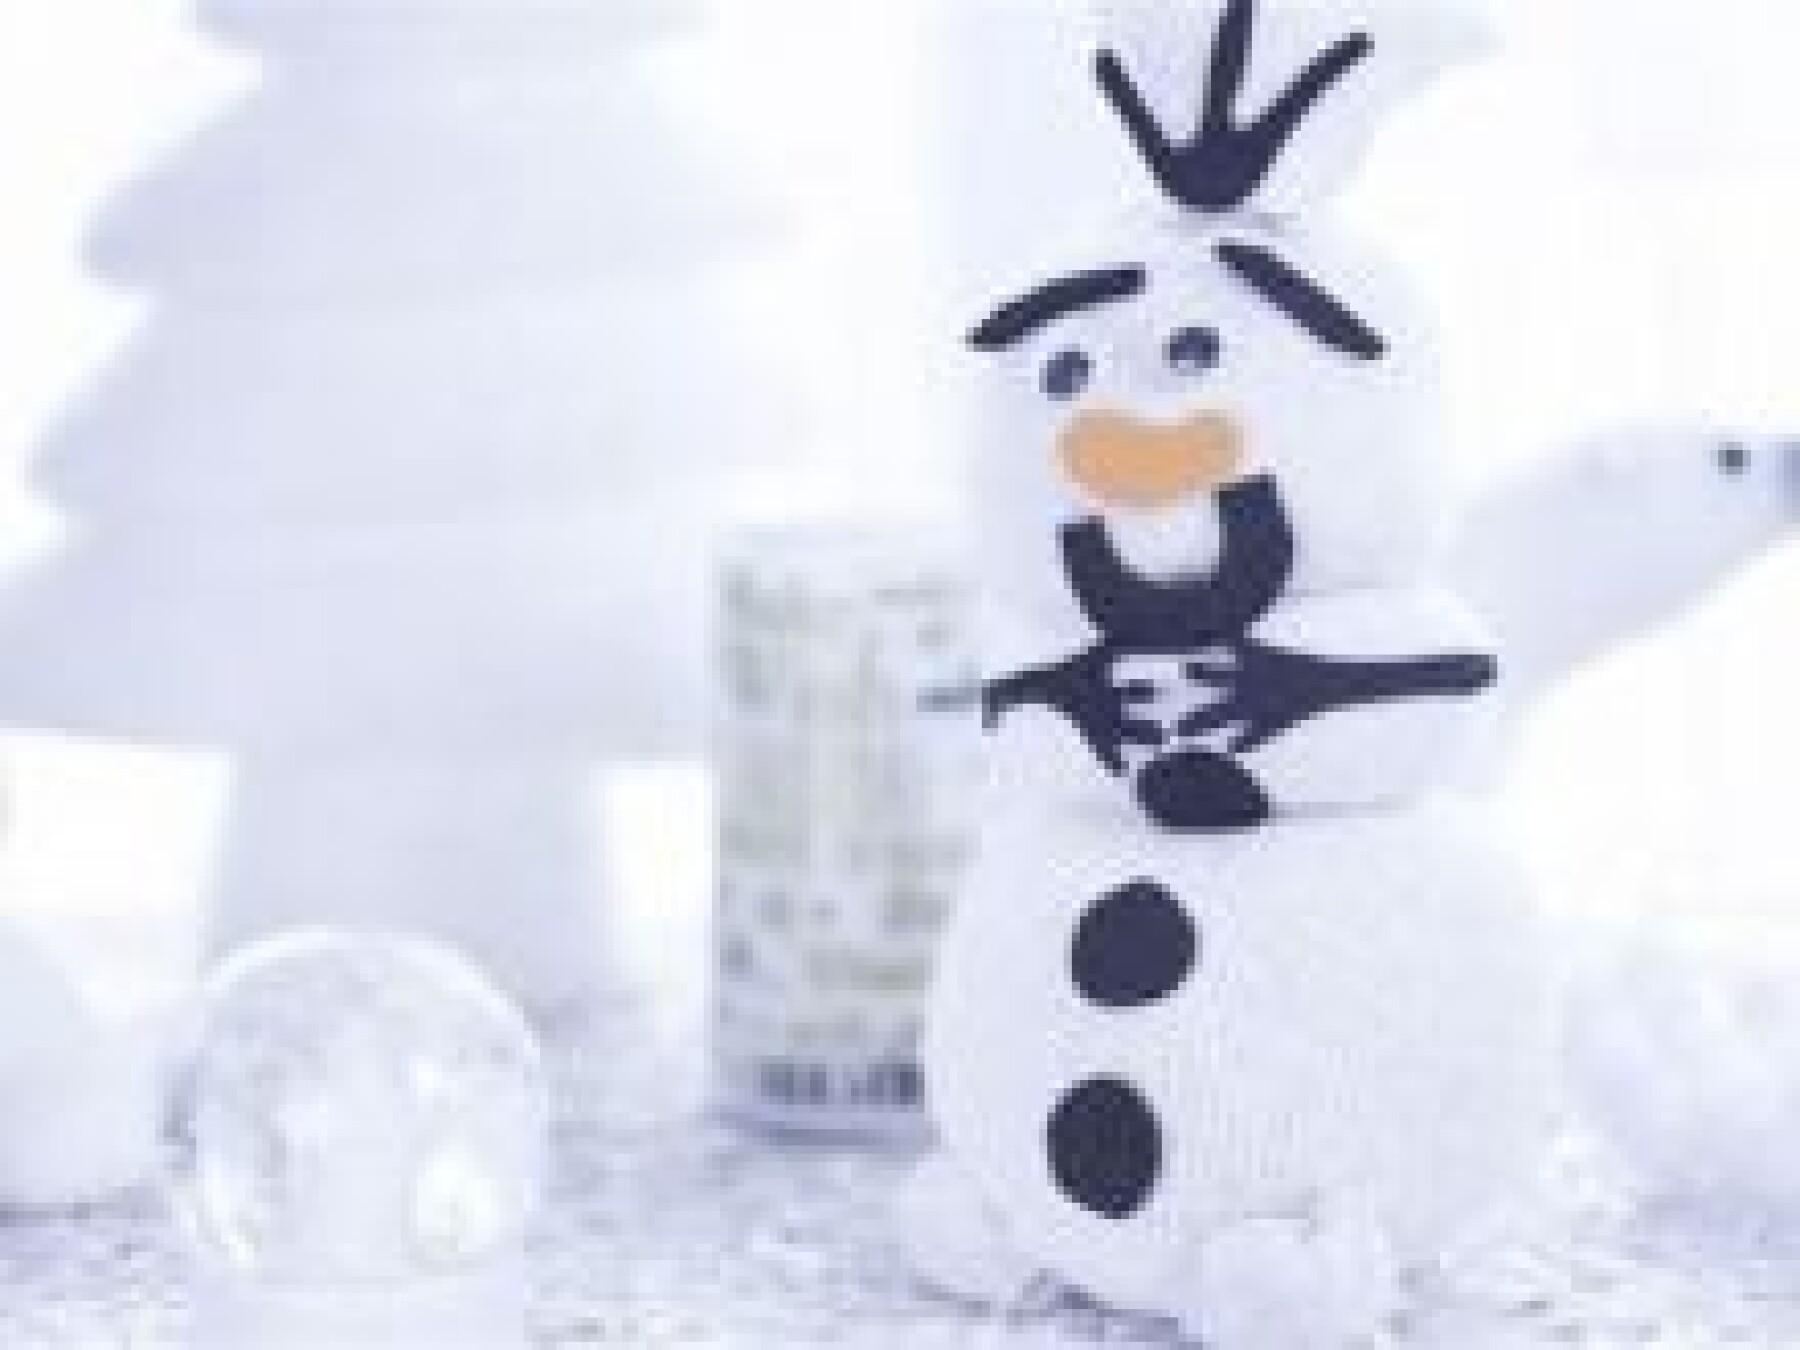 Olaf en chaussette